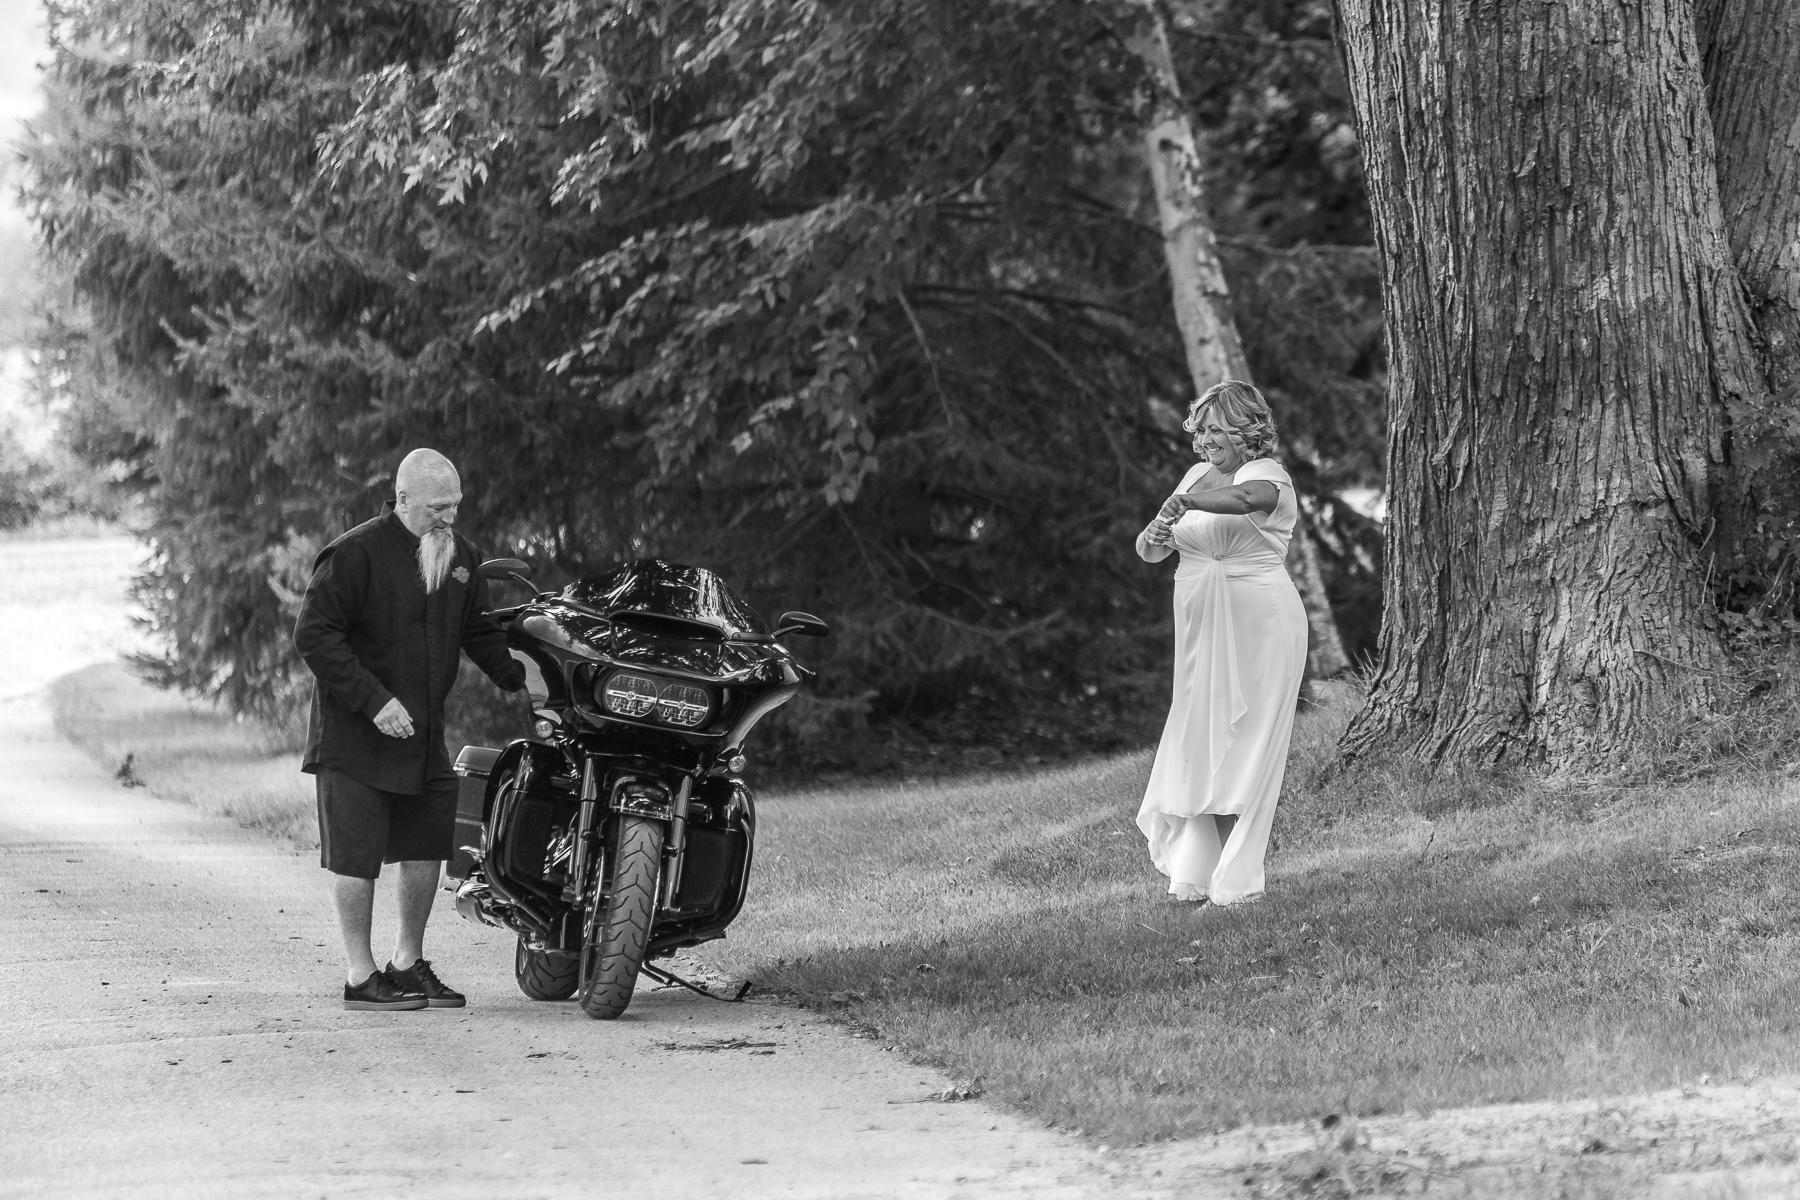 My Fair lady, your Carriage awaits.